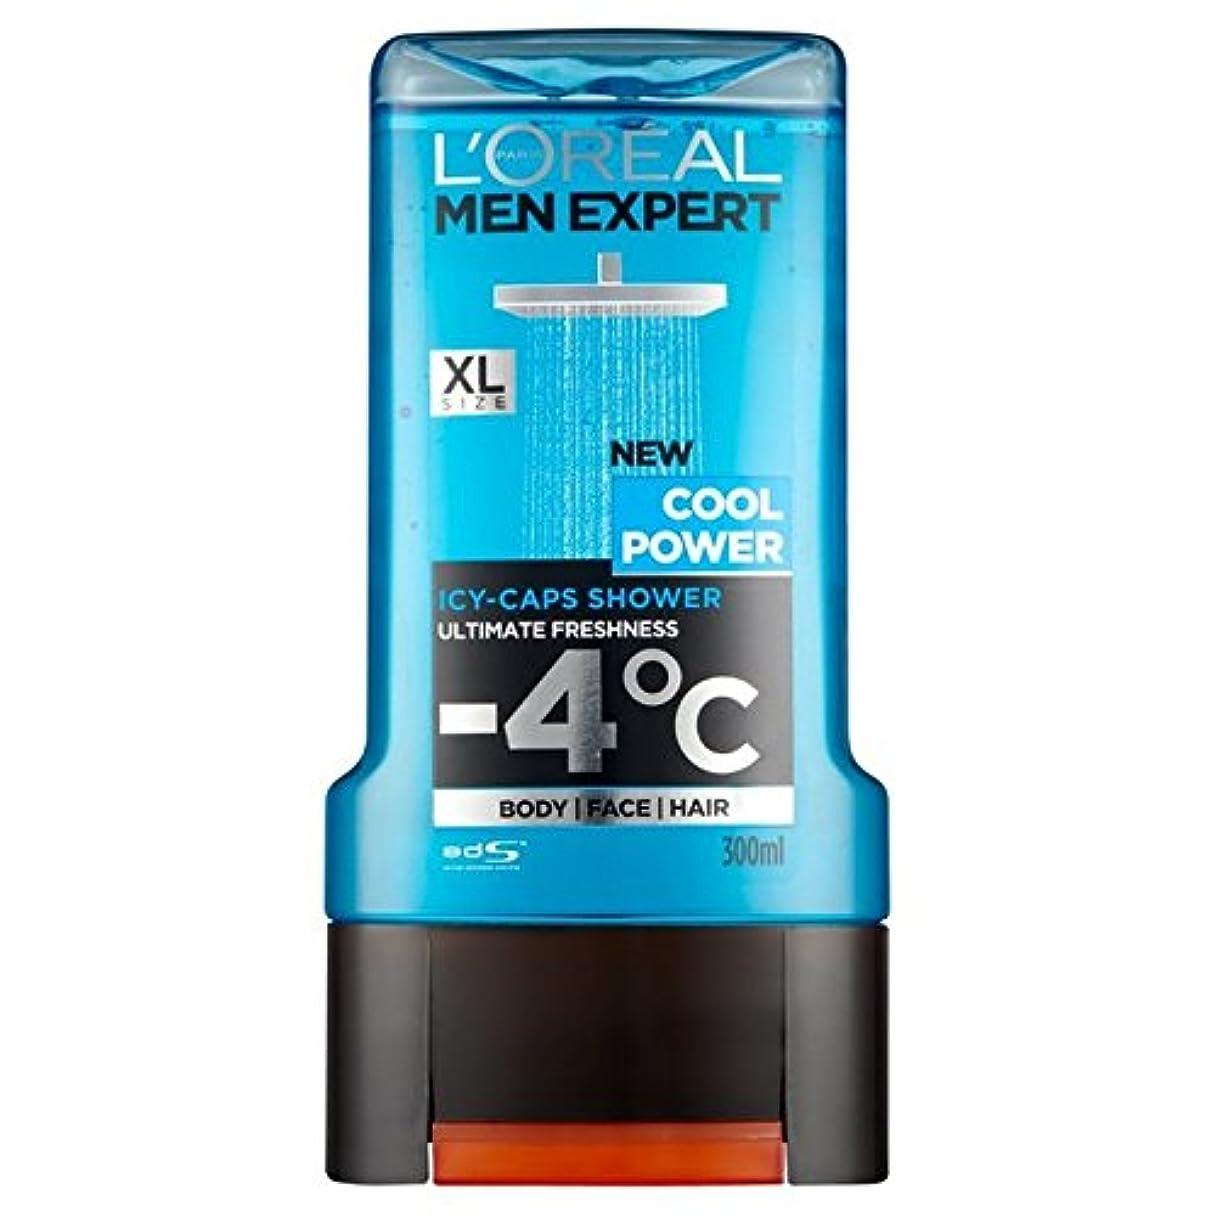 レンダーブッシュ糸L'Oreal Paris Men Expert Cool Power Shower Gel 300ml (Pack of 6) - ロレアルパリの男性の専門家のクールなパワーシャワージェル300ミリリットル x6 [並行輸入品]